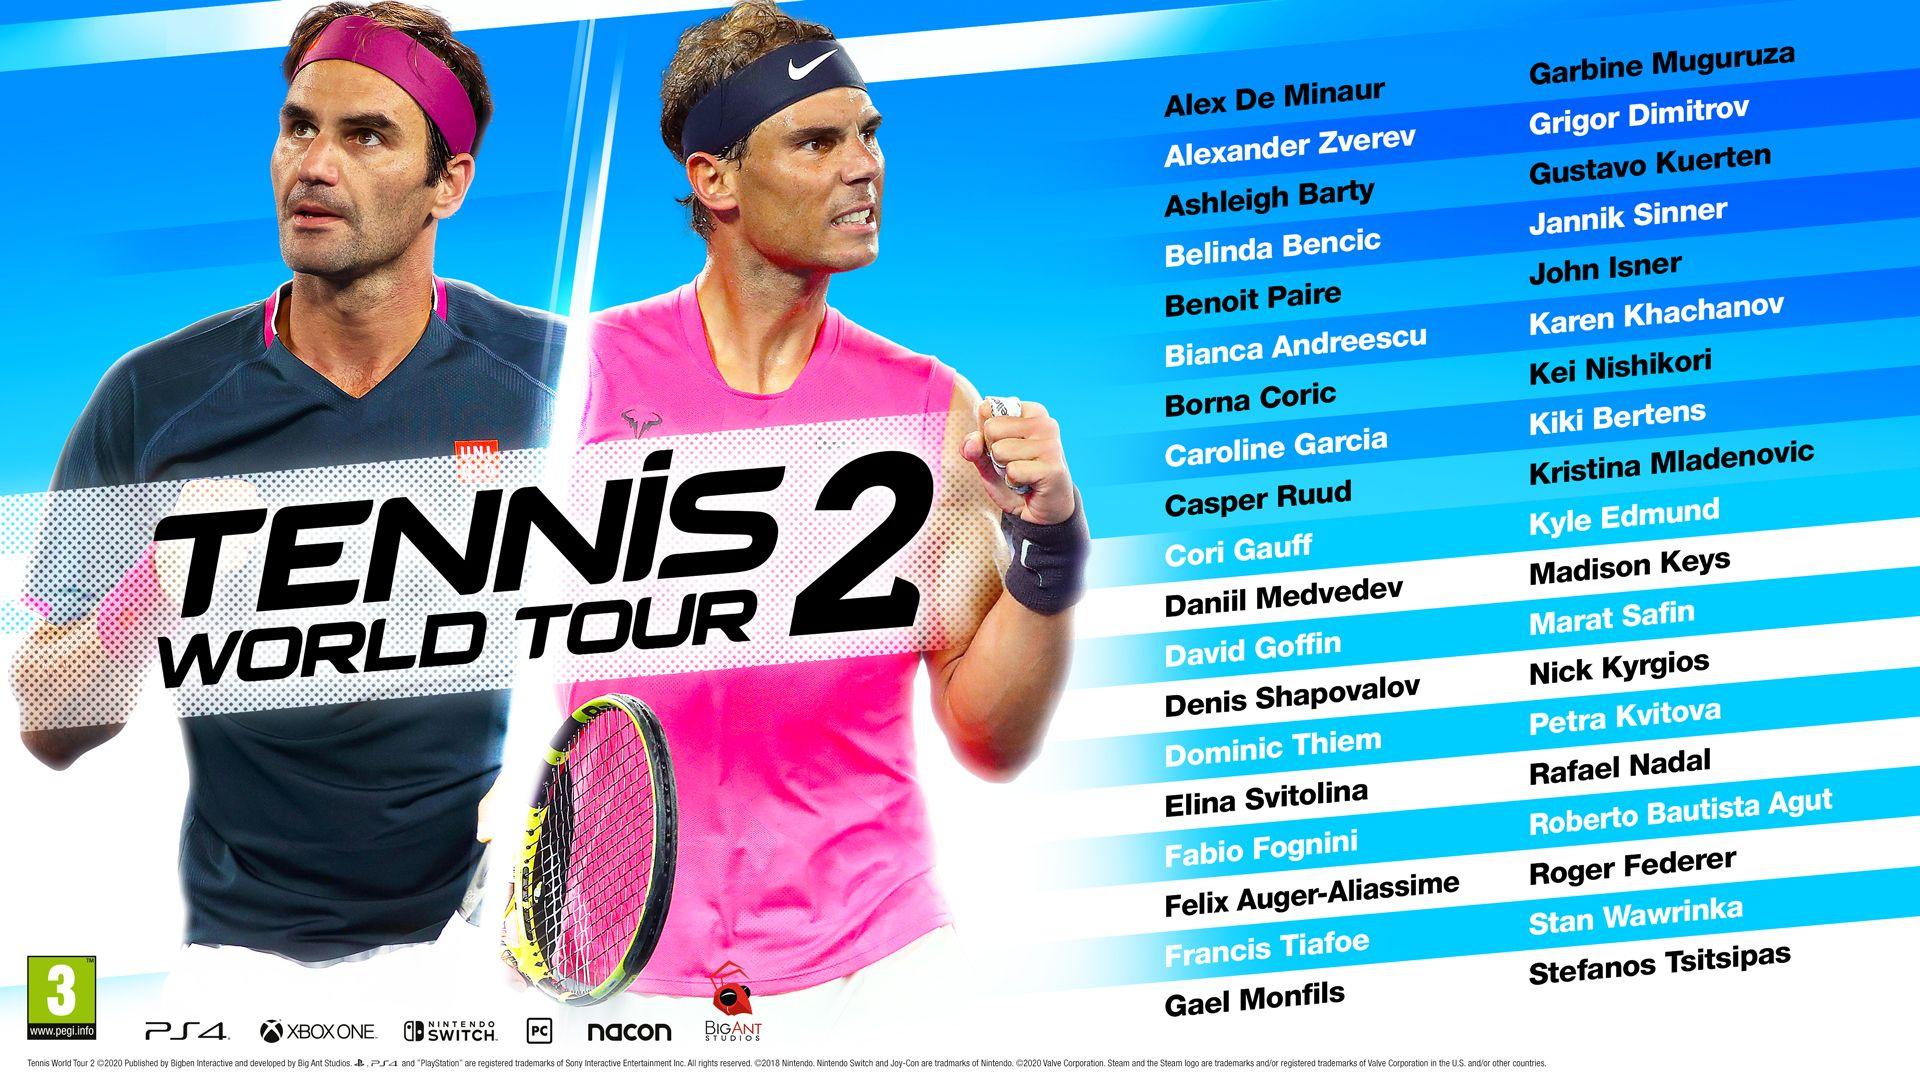 Tennis World Tour 2: Svelate le competizioni ufficiali. Domani esce il gioco